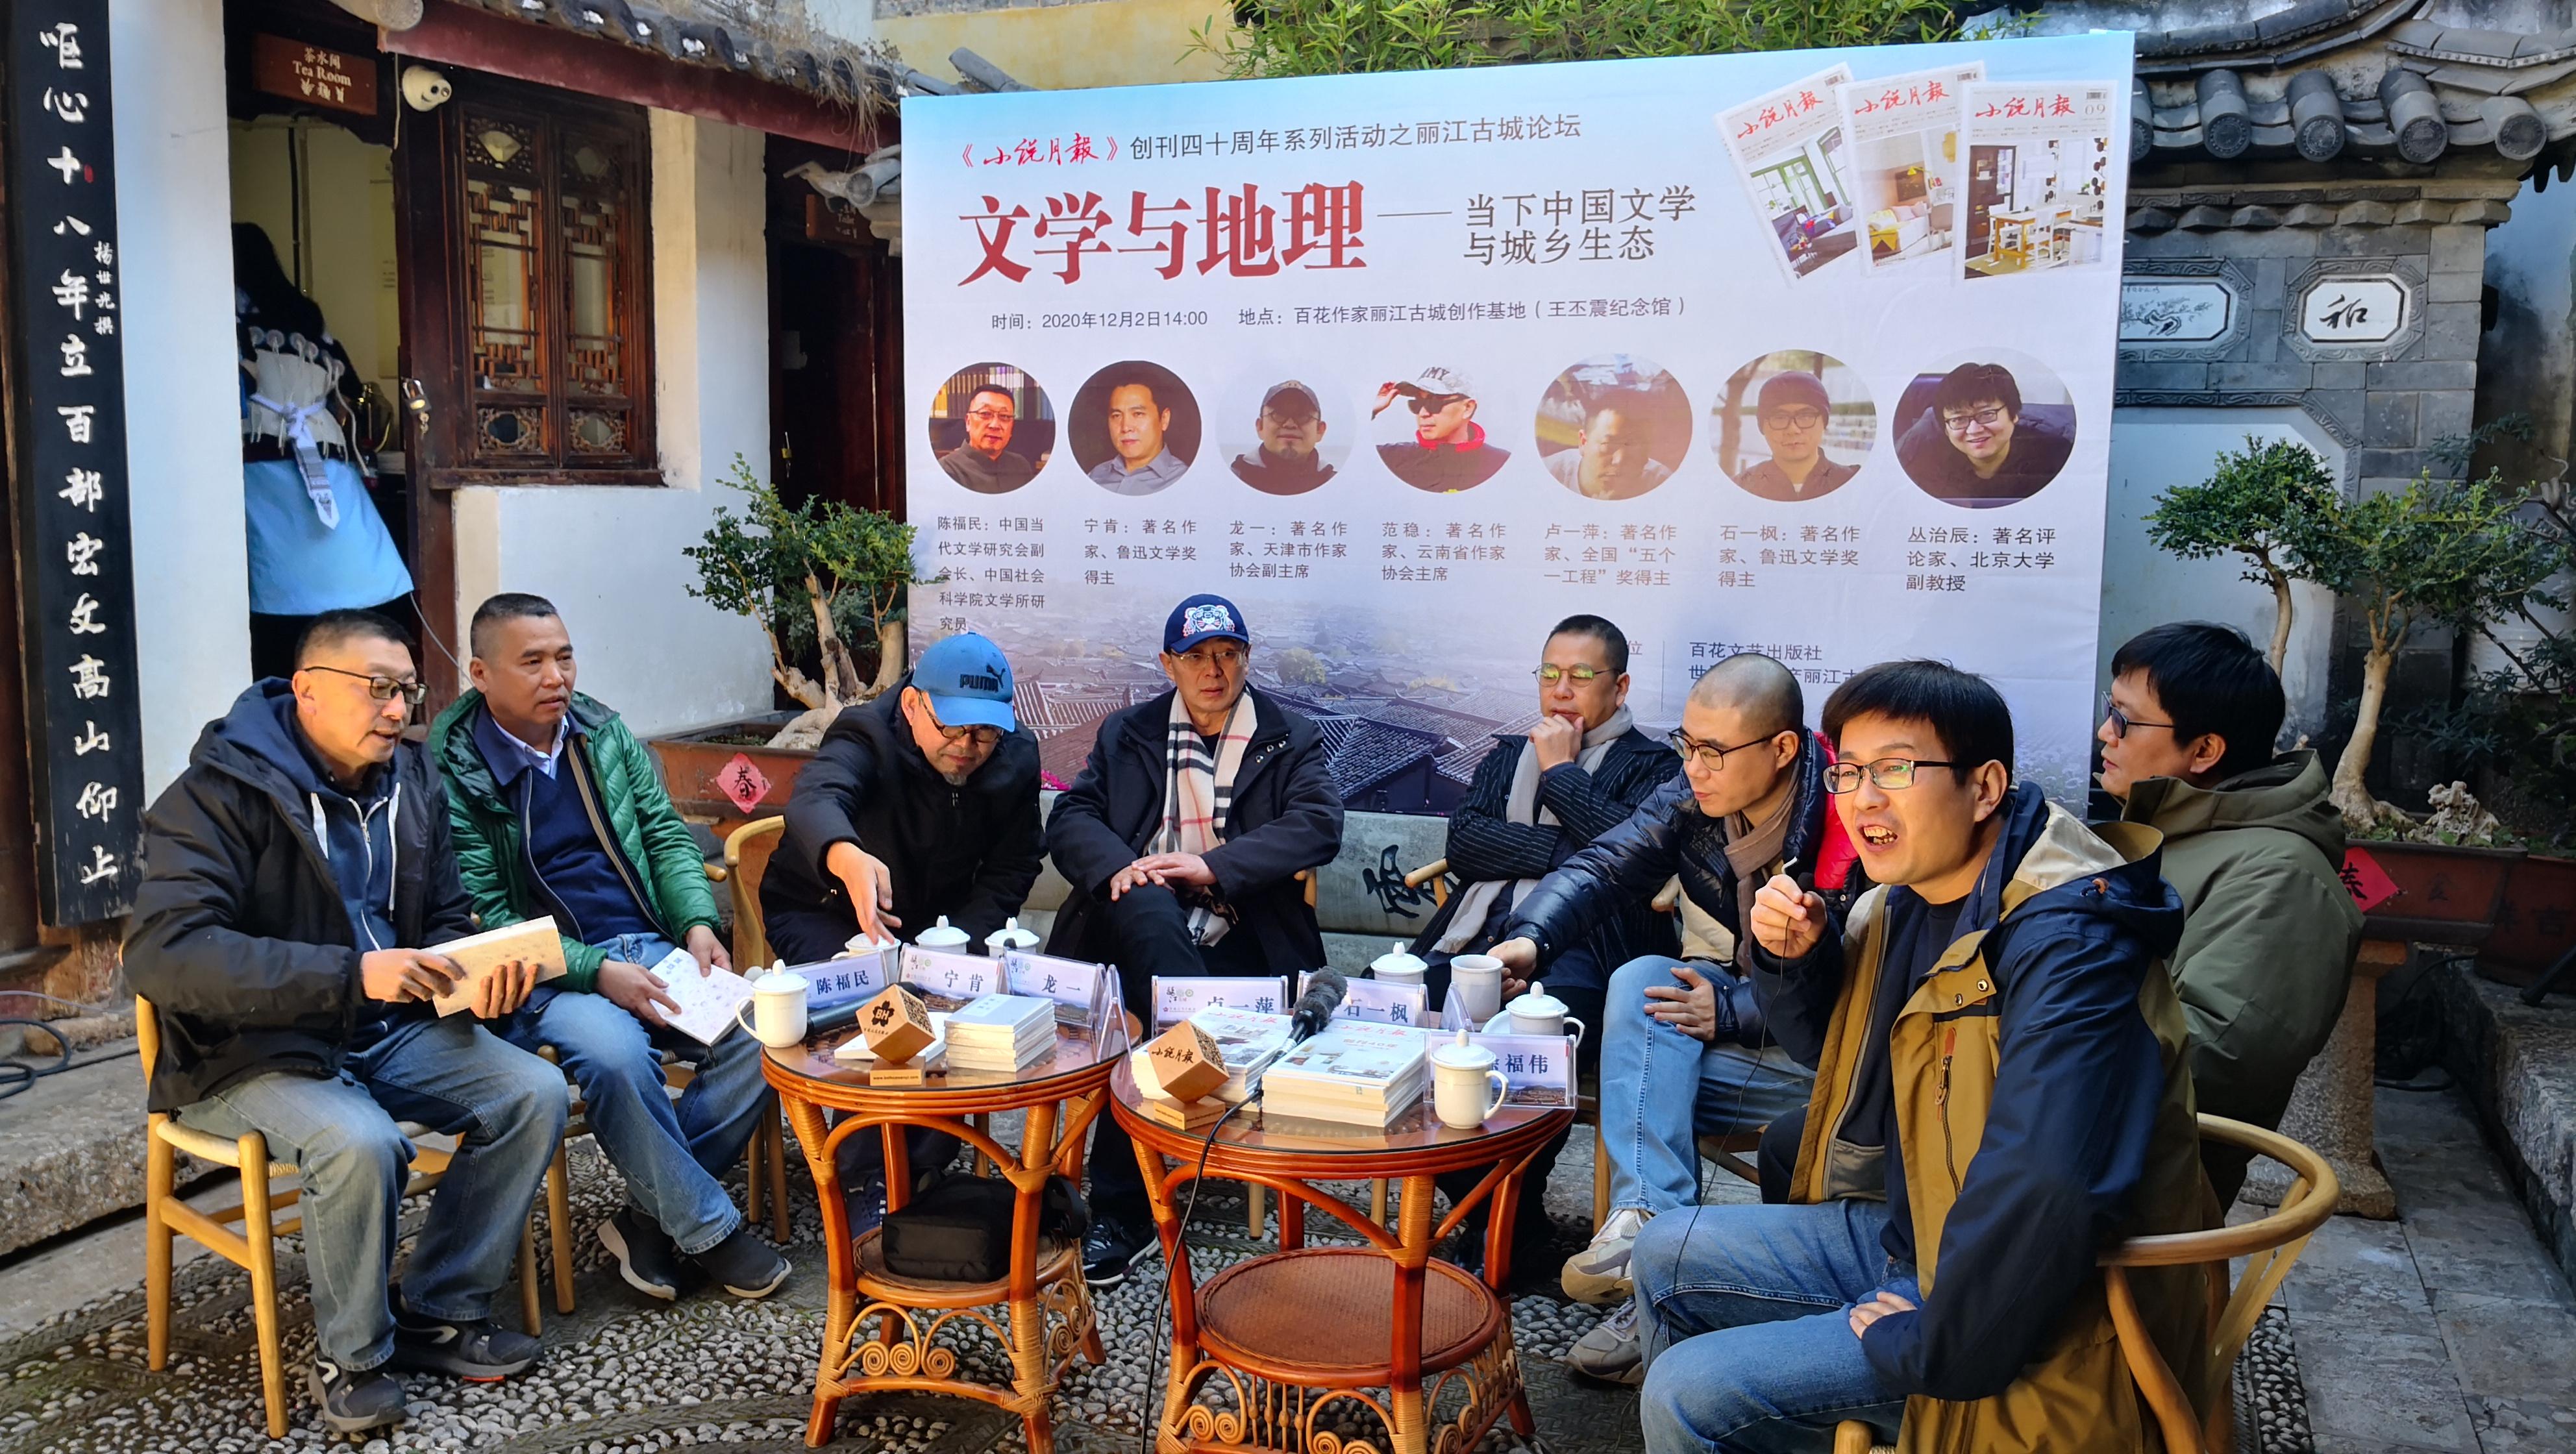 百花麗江創作基地掛牌 期與香港心語相通